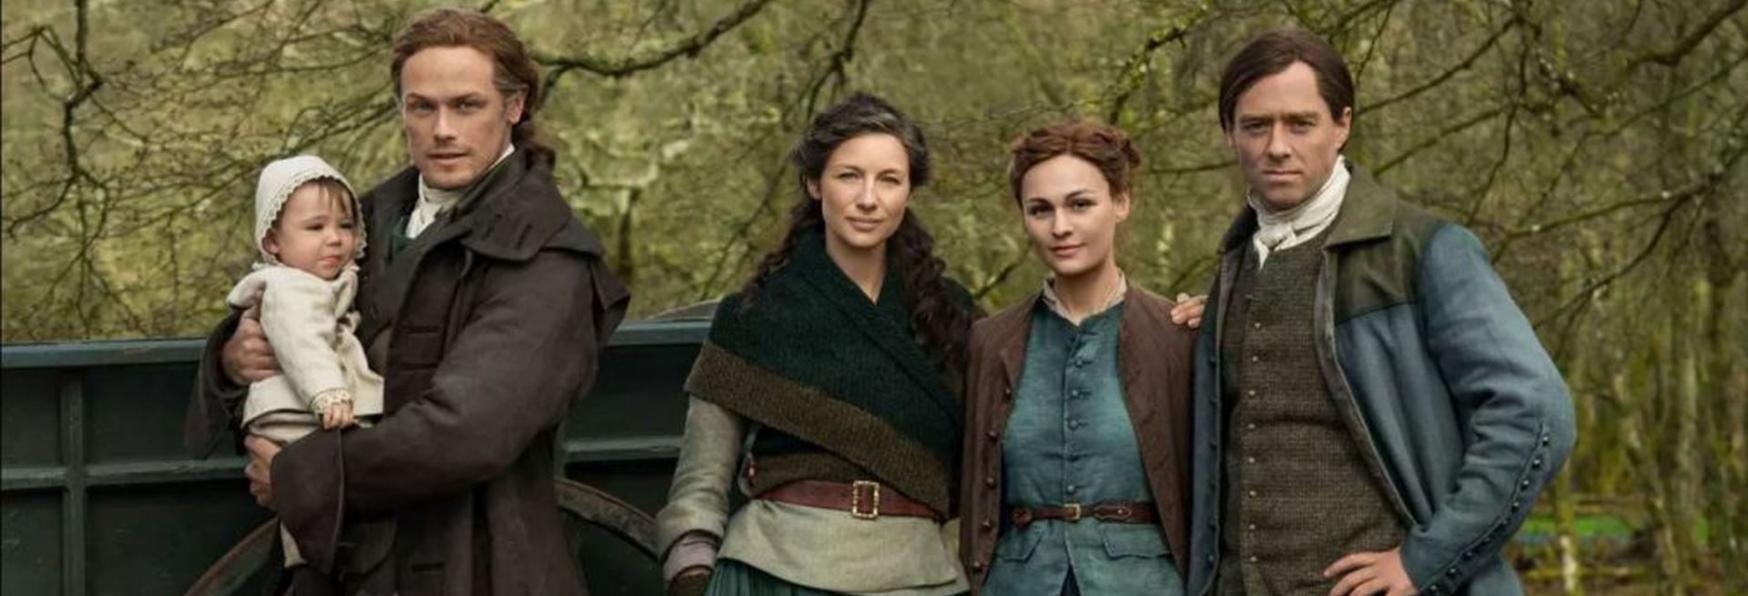 Outlander 5: l'Autrice non approva una Scena del Sesto Episodio